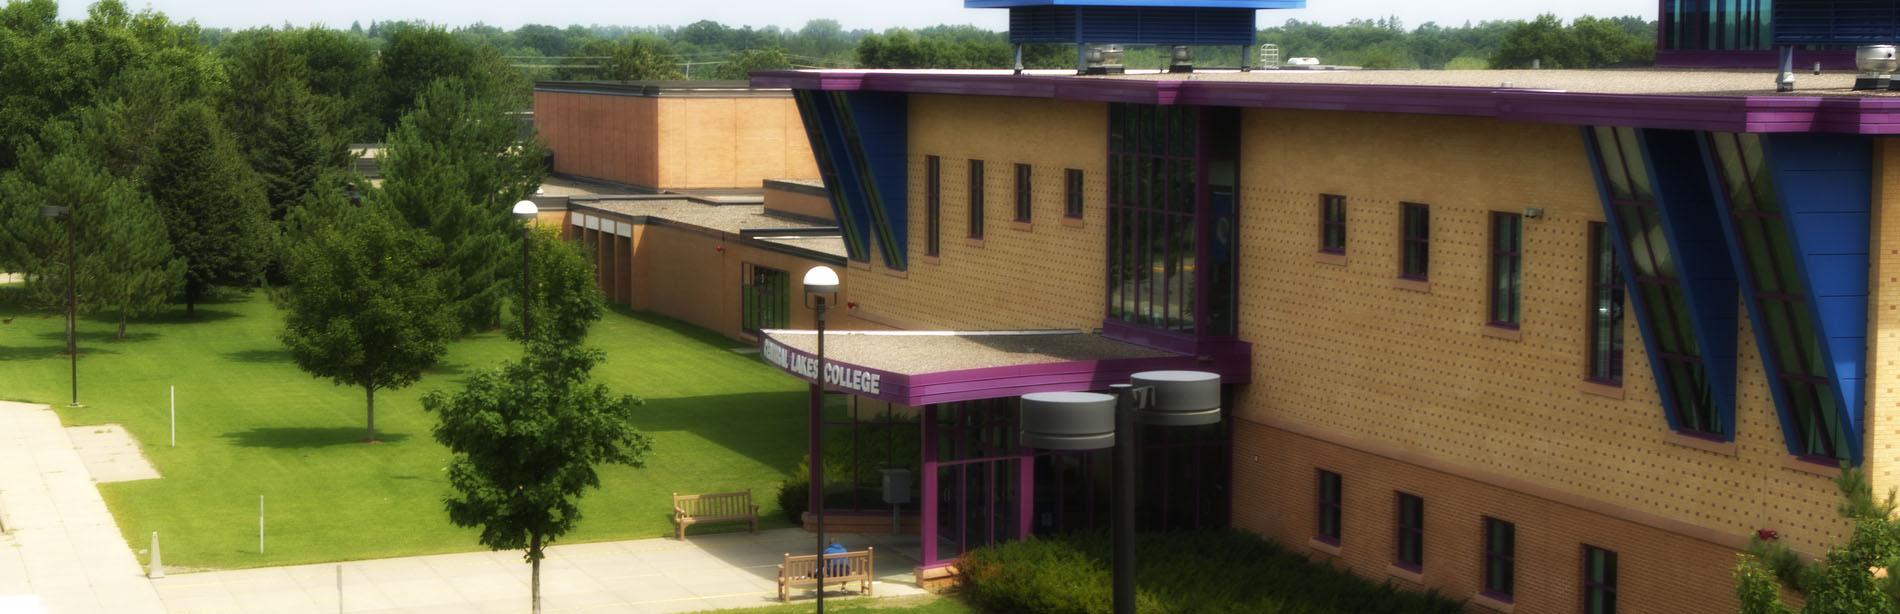 brainerd campus building